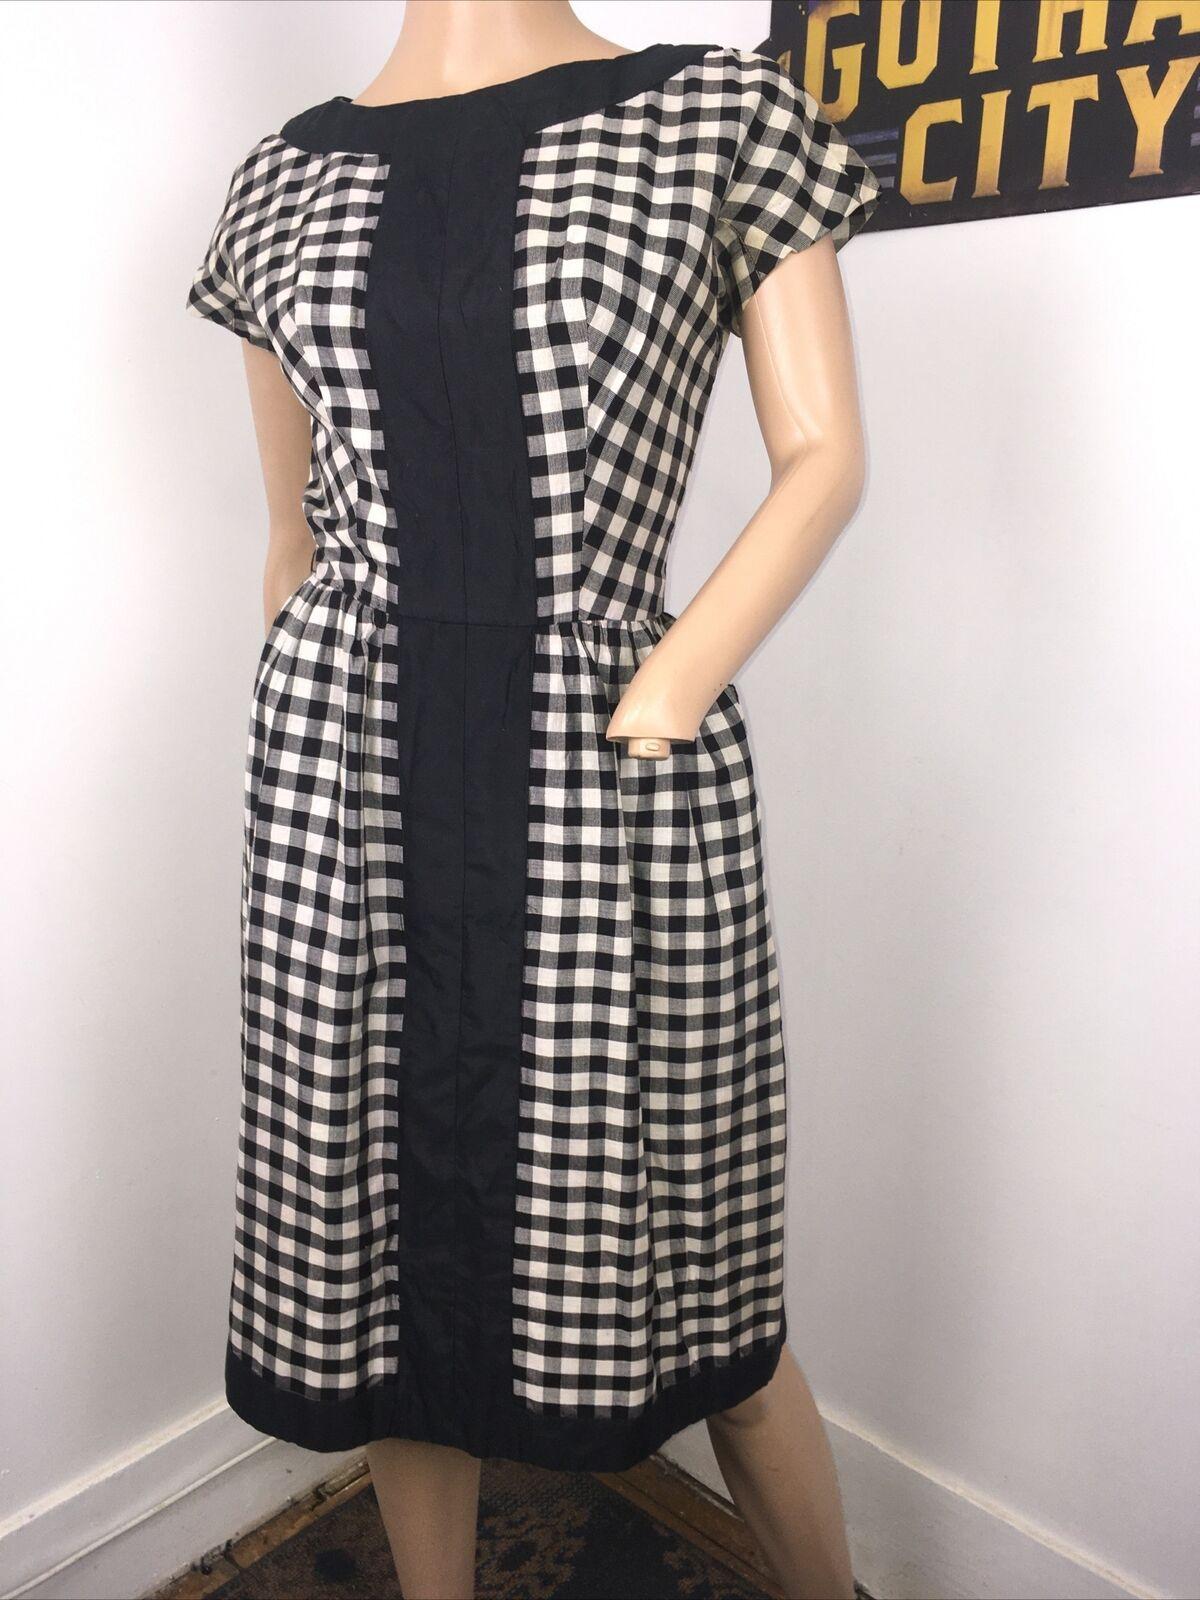 vintage suzy perette dress 1950's - image 1